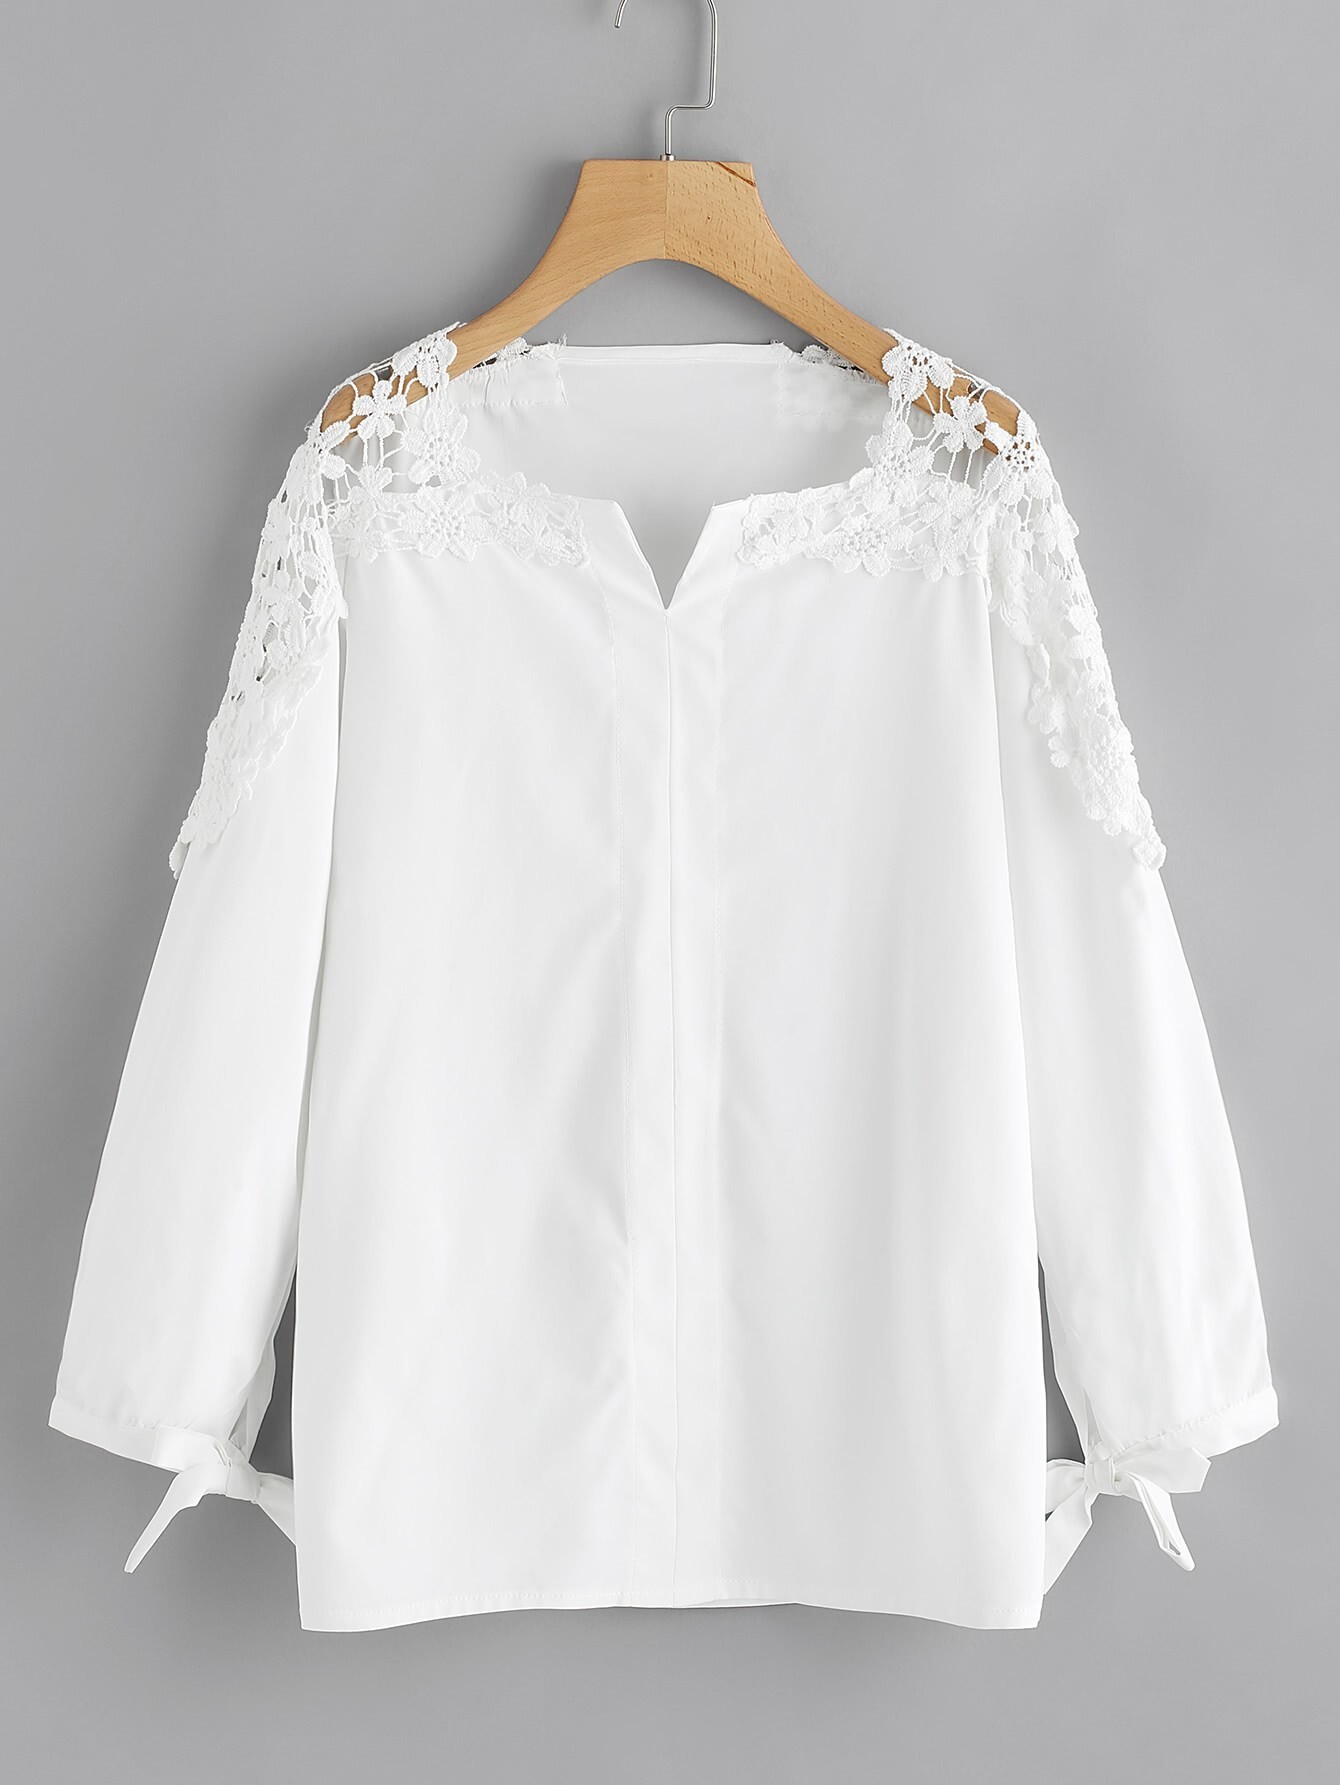 Купить Модная блуза с бантом и кружевной вставкой, null, SheIn